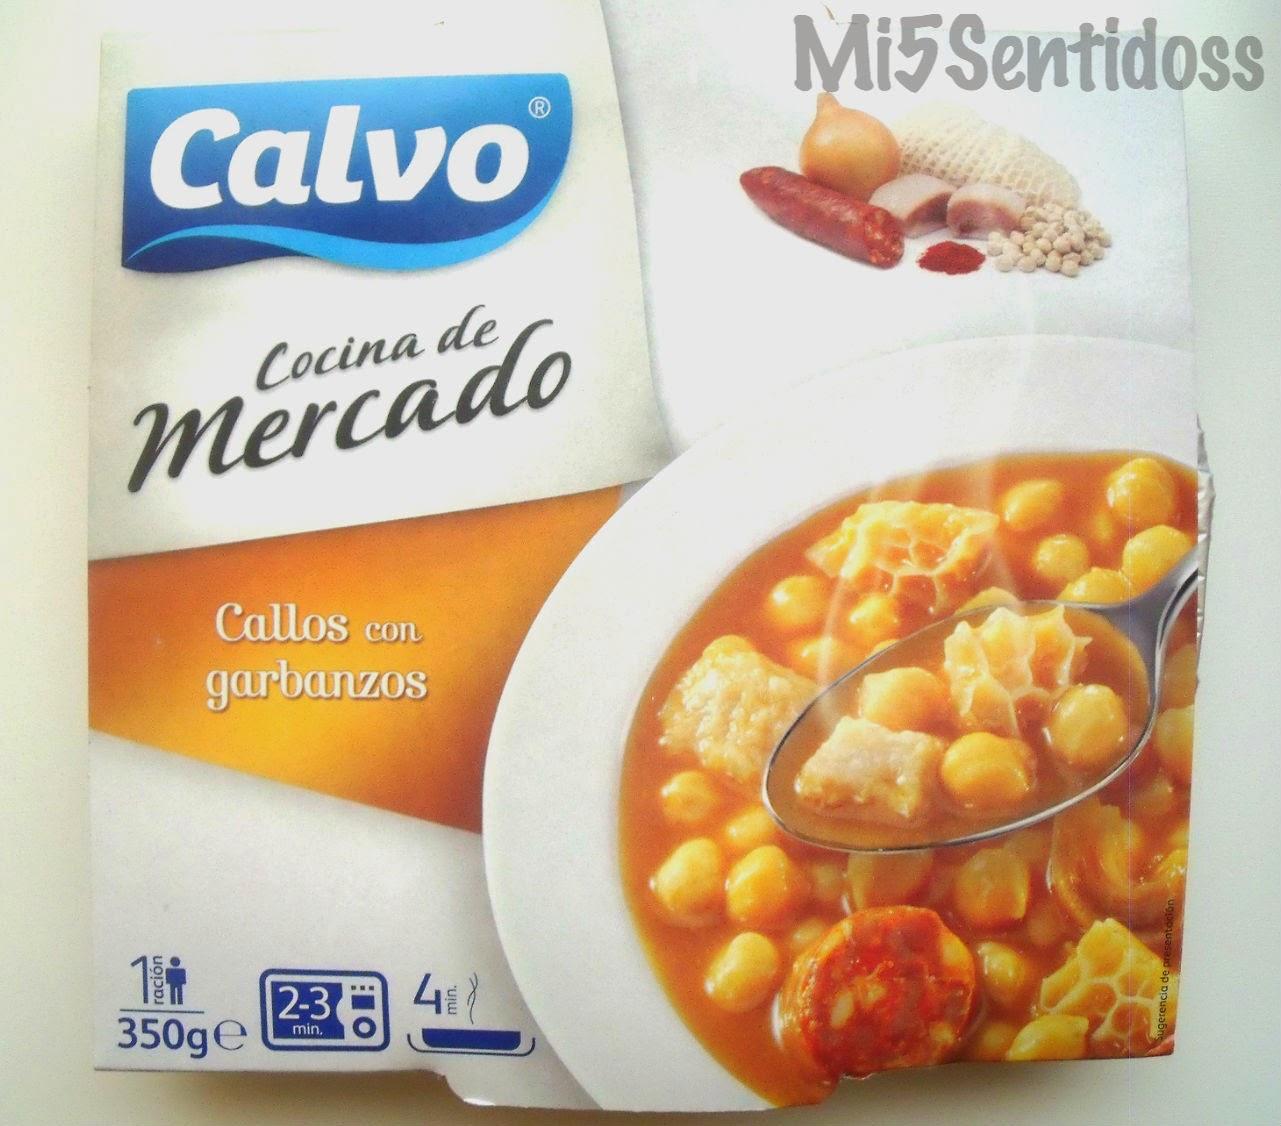 Calvo Callos con garbanzos